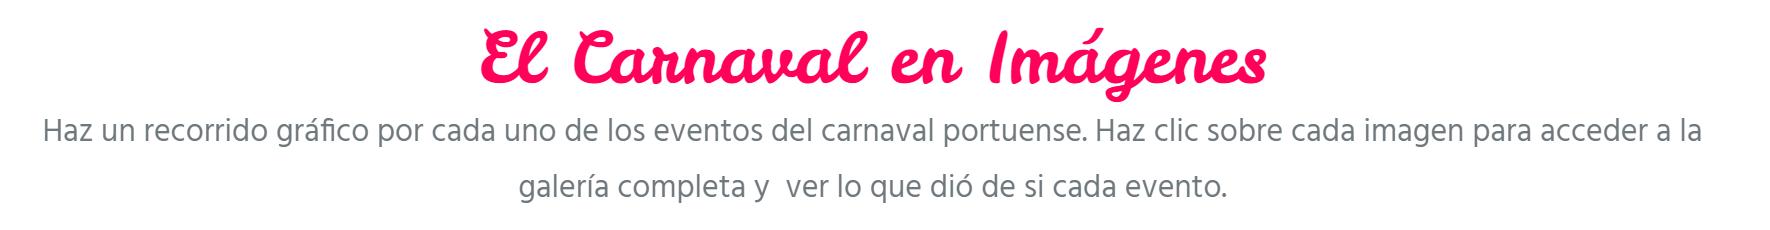 el carnaval en imagenes galeria de fotos